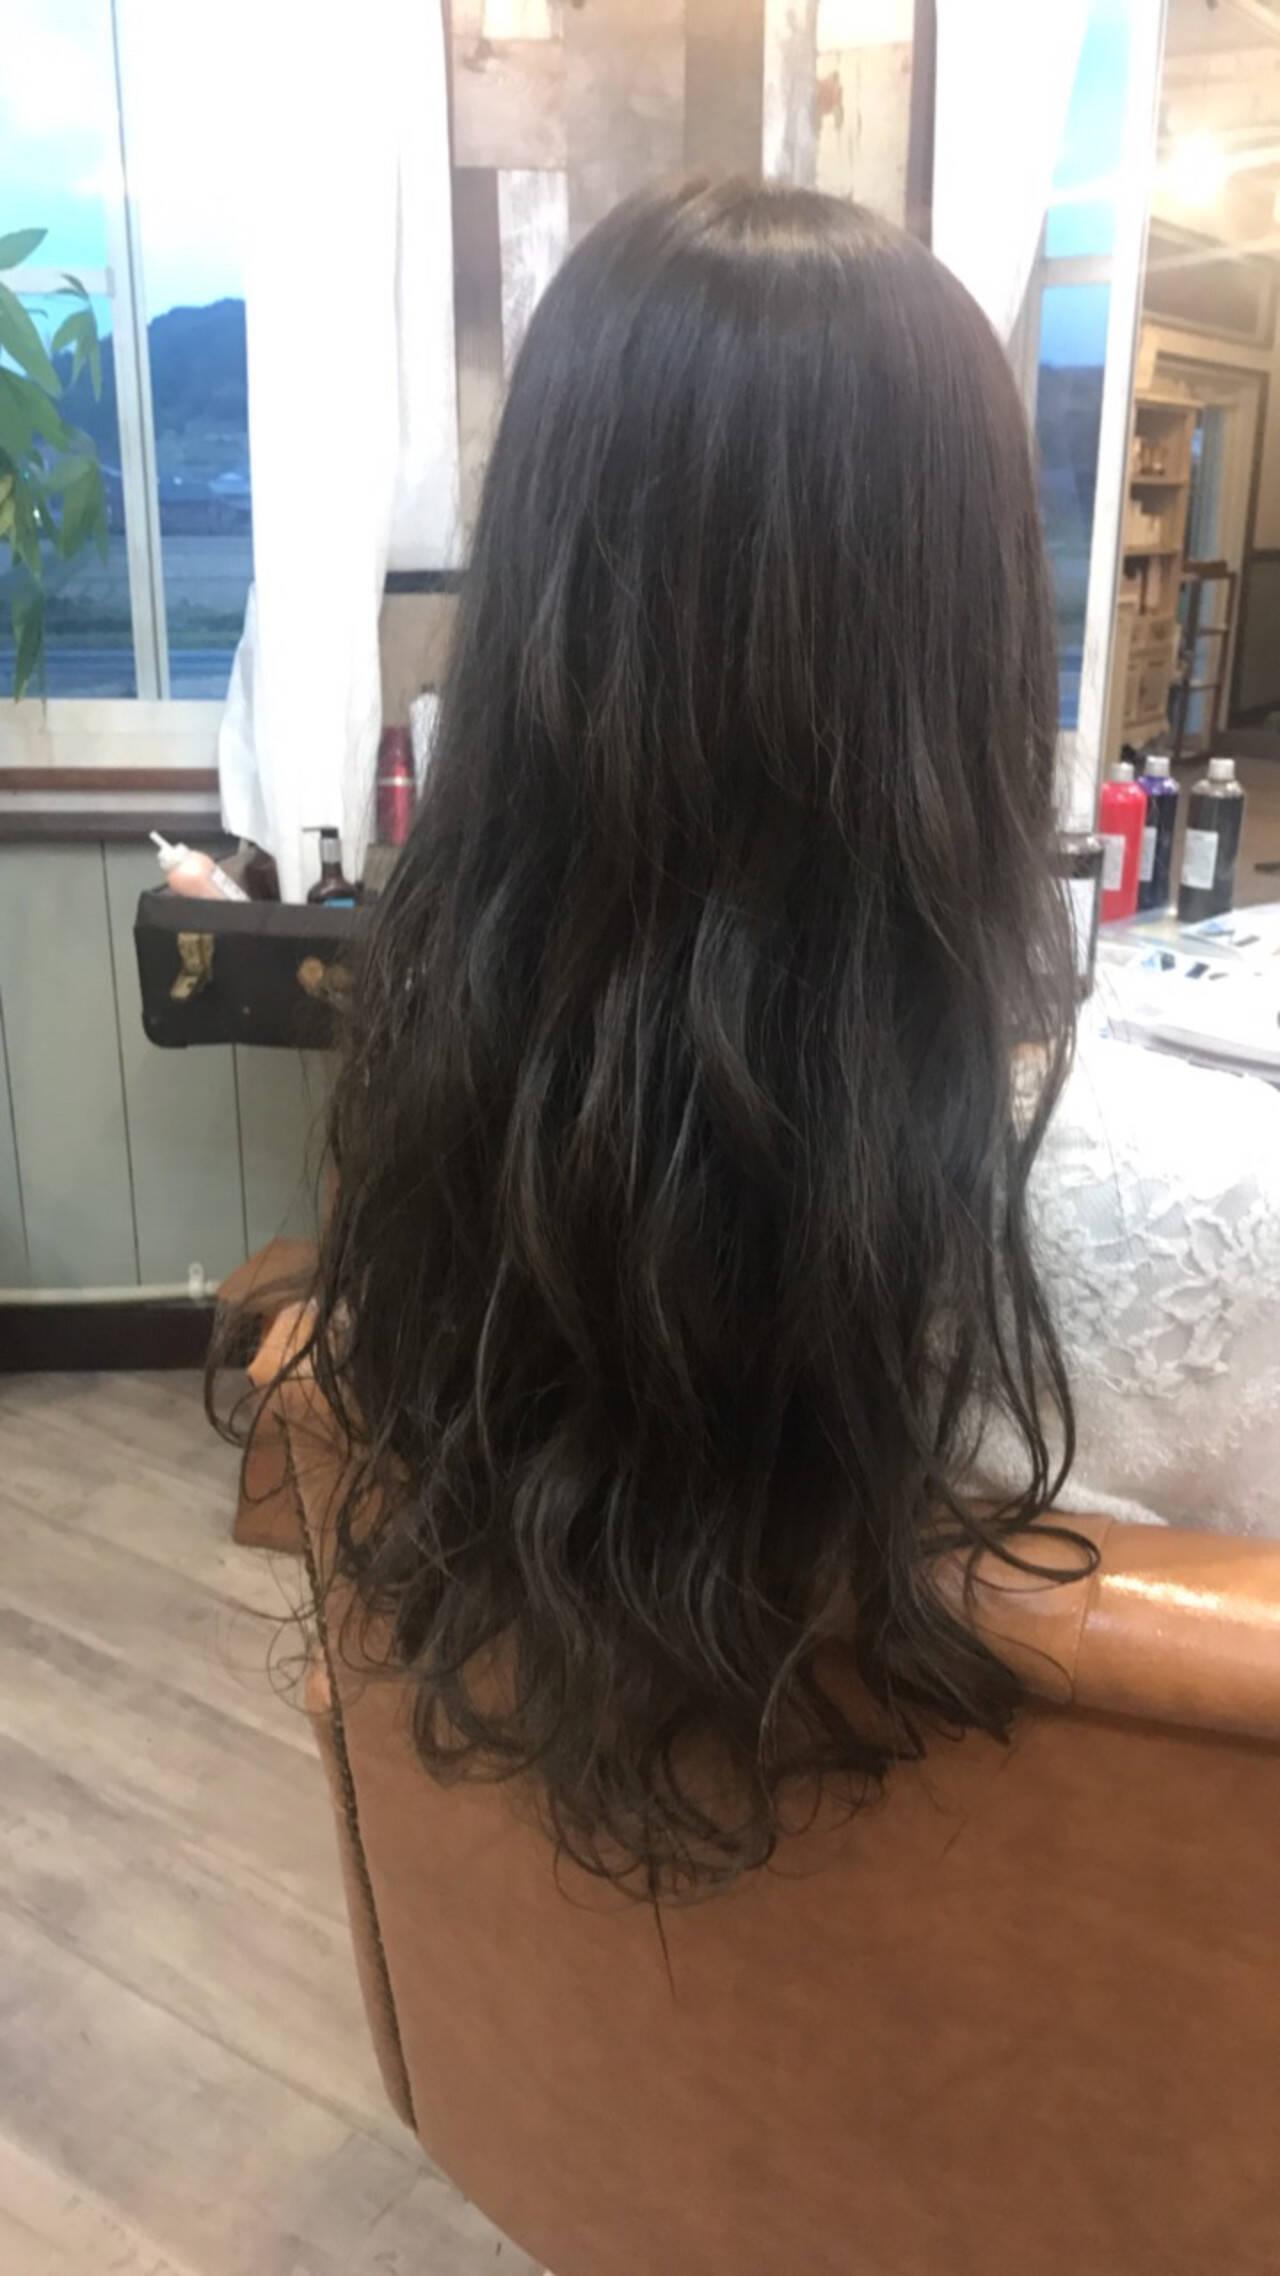 ナチュラル アッシュグレー 透明感 アッシュグレージュヘアスタイルや髪型の写真・画像